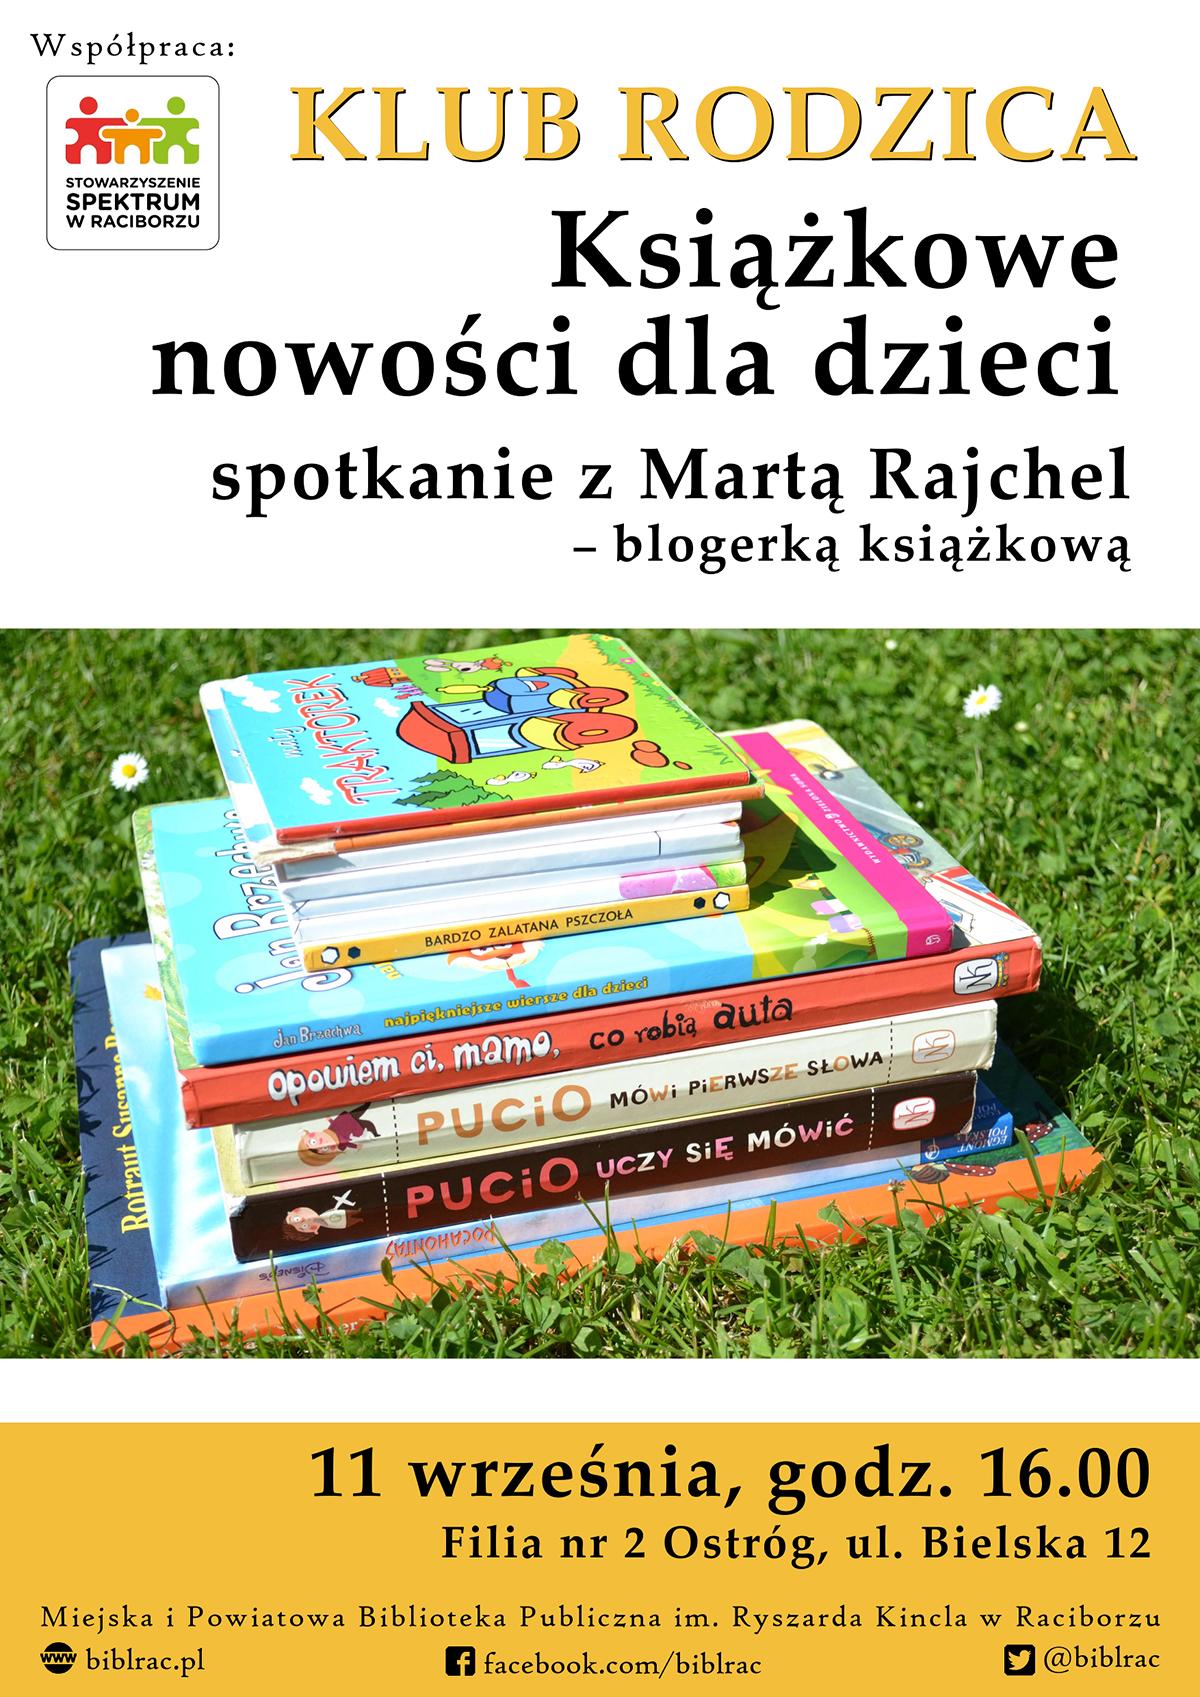 Plakat_klubrodzica